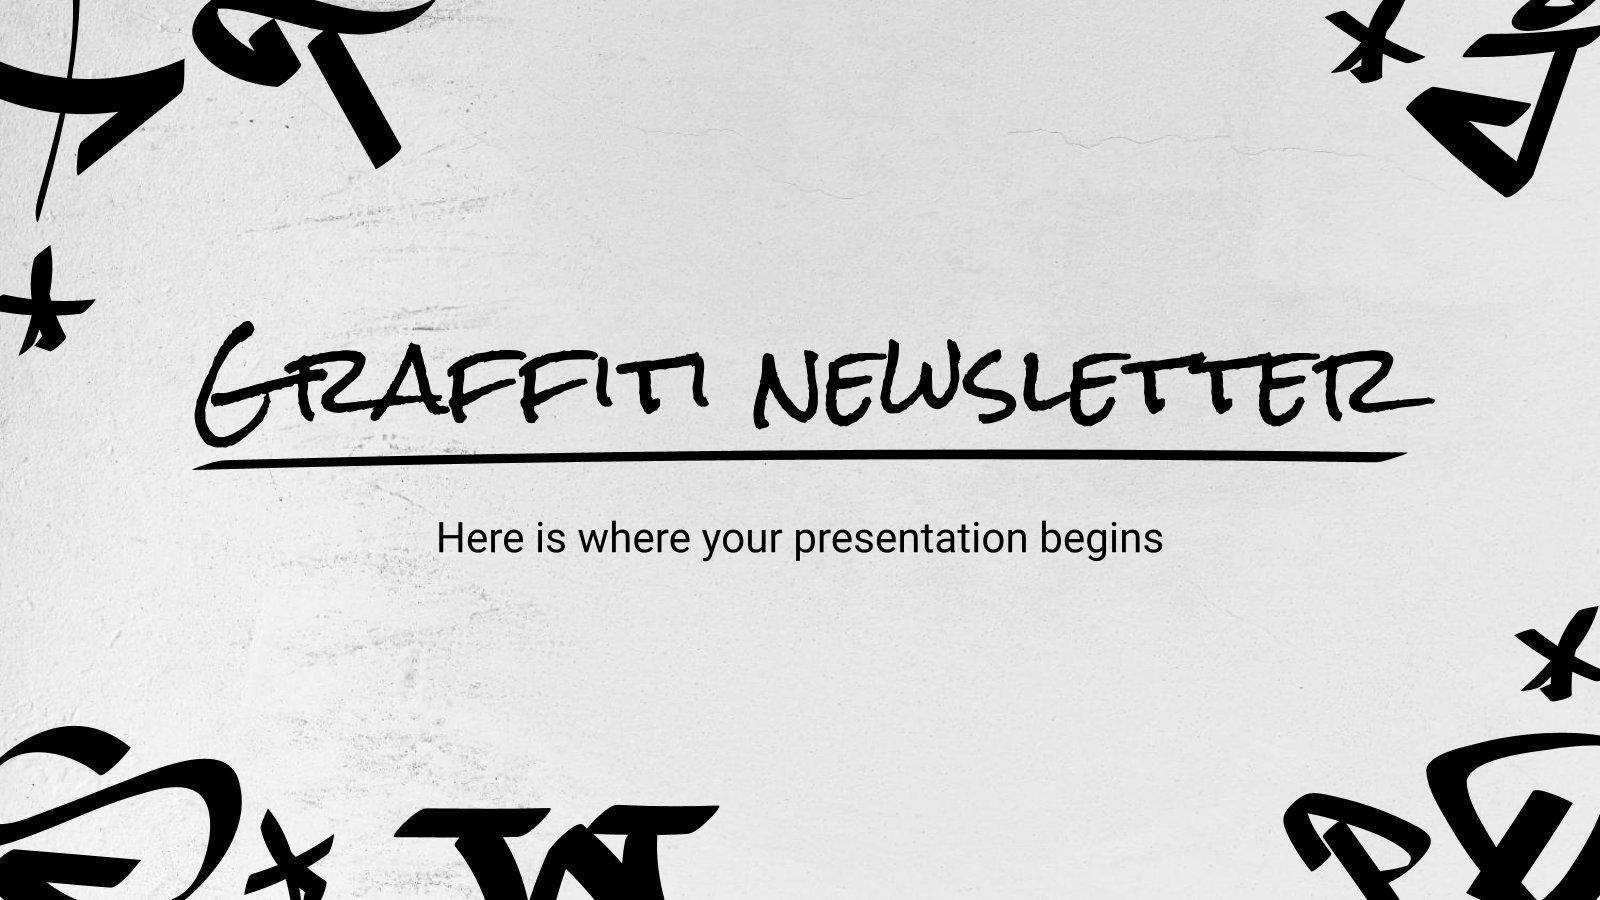 Newsletter Graffiti : Modèles de présentation